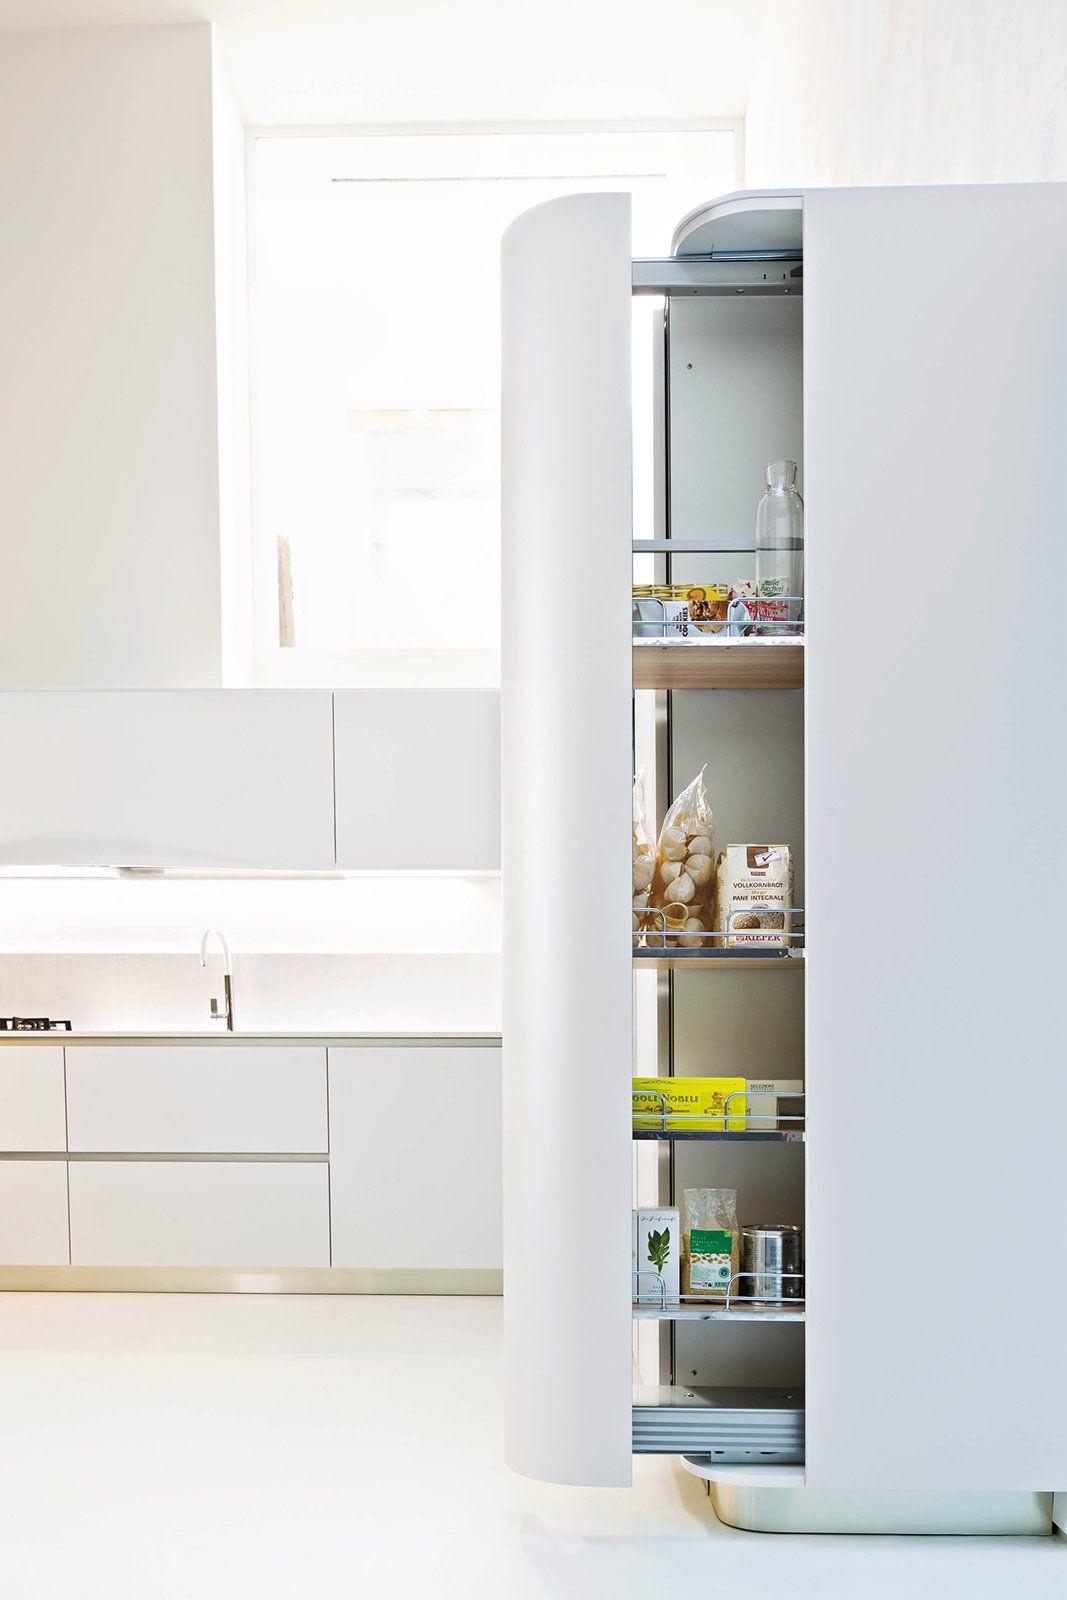 Cucina che moduli scelgo per la dispensa cucine for Programma per comporre cucine